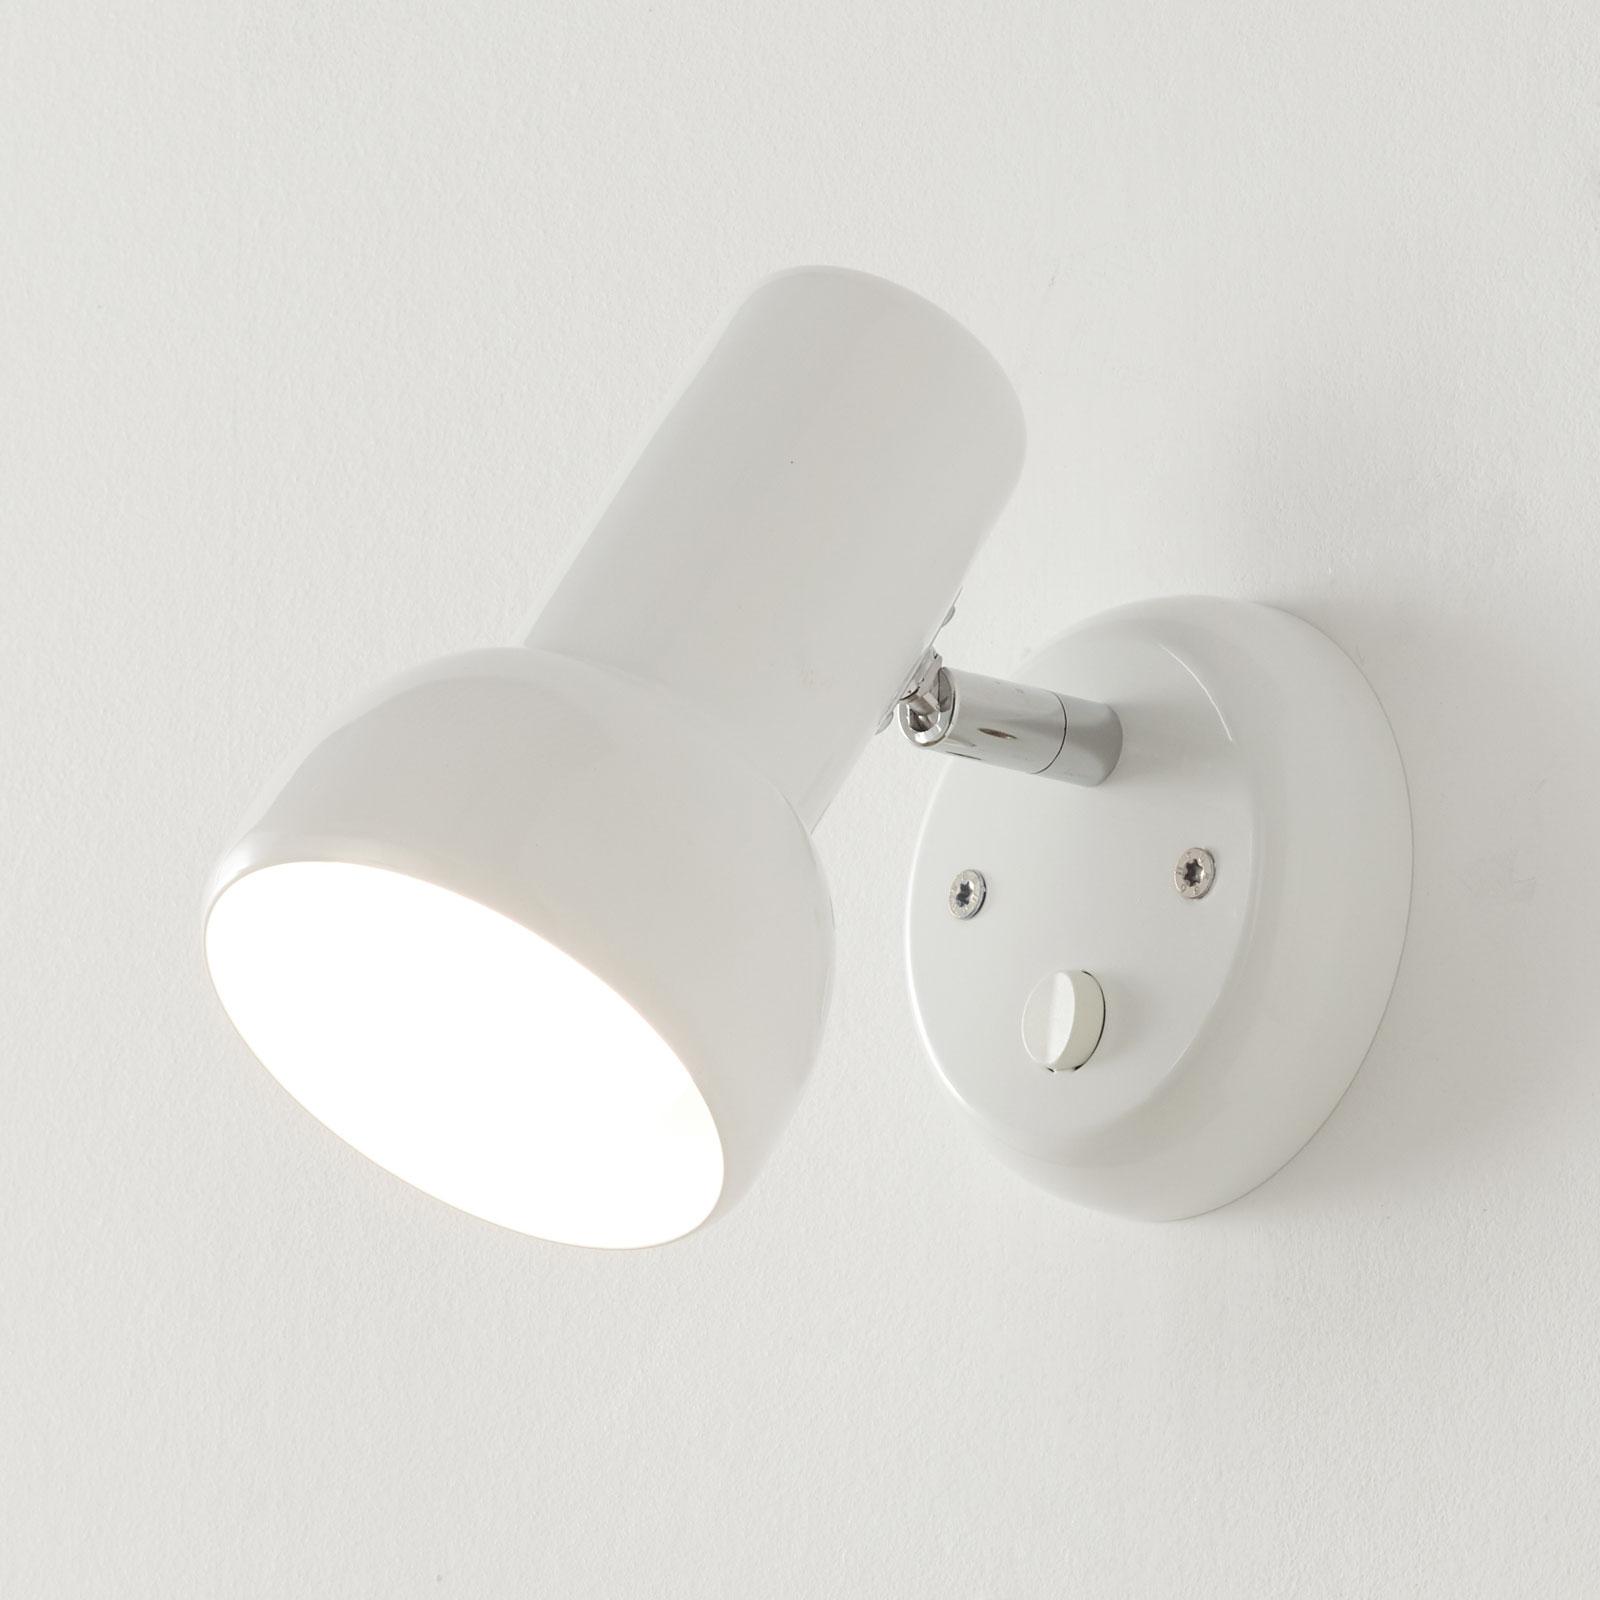 Nástěnné bodové svítidlo Eifel, s vypínačem